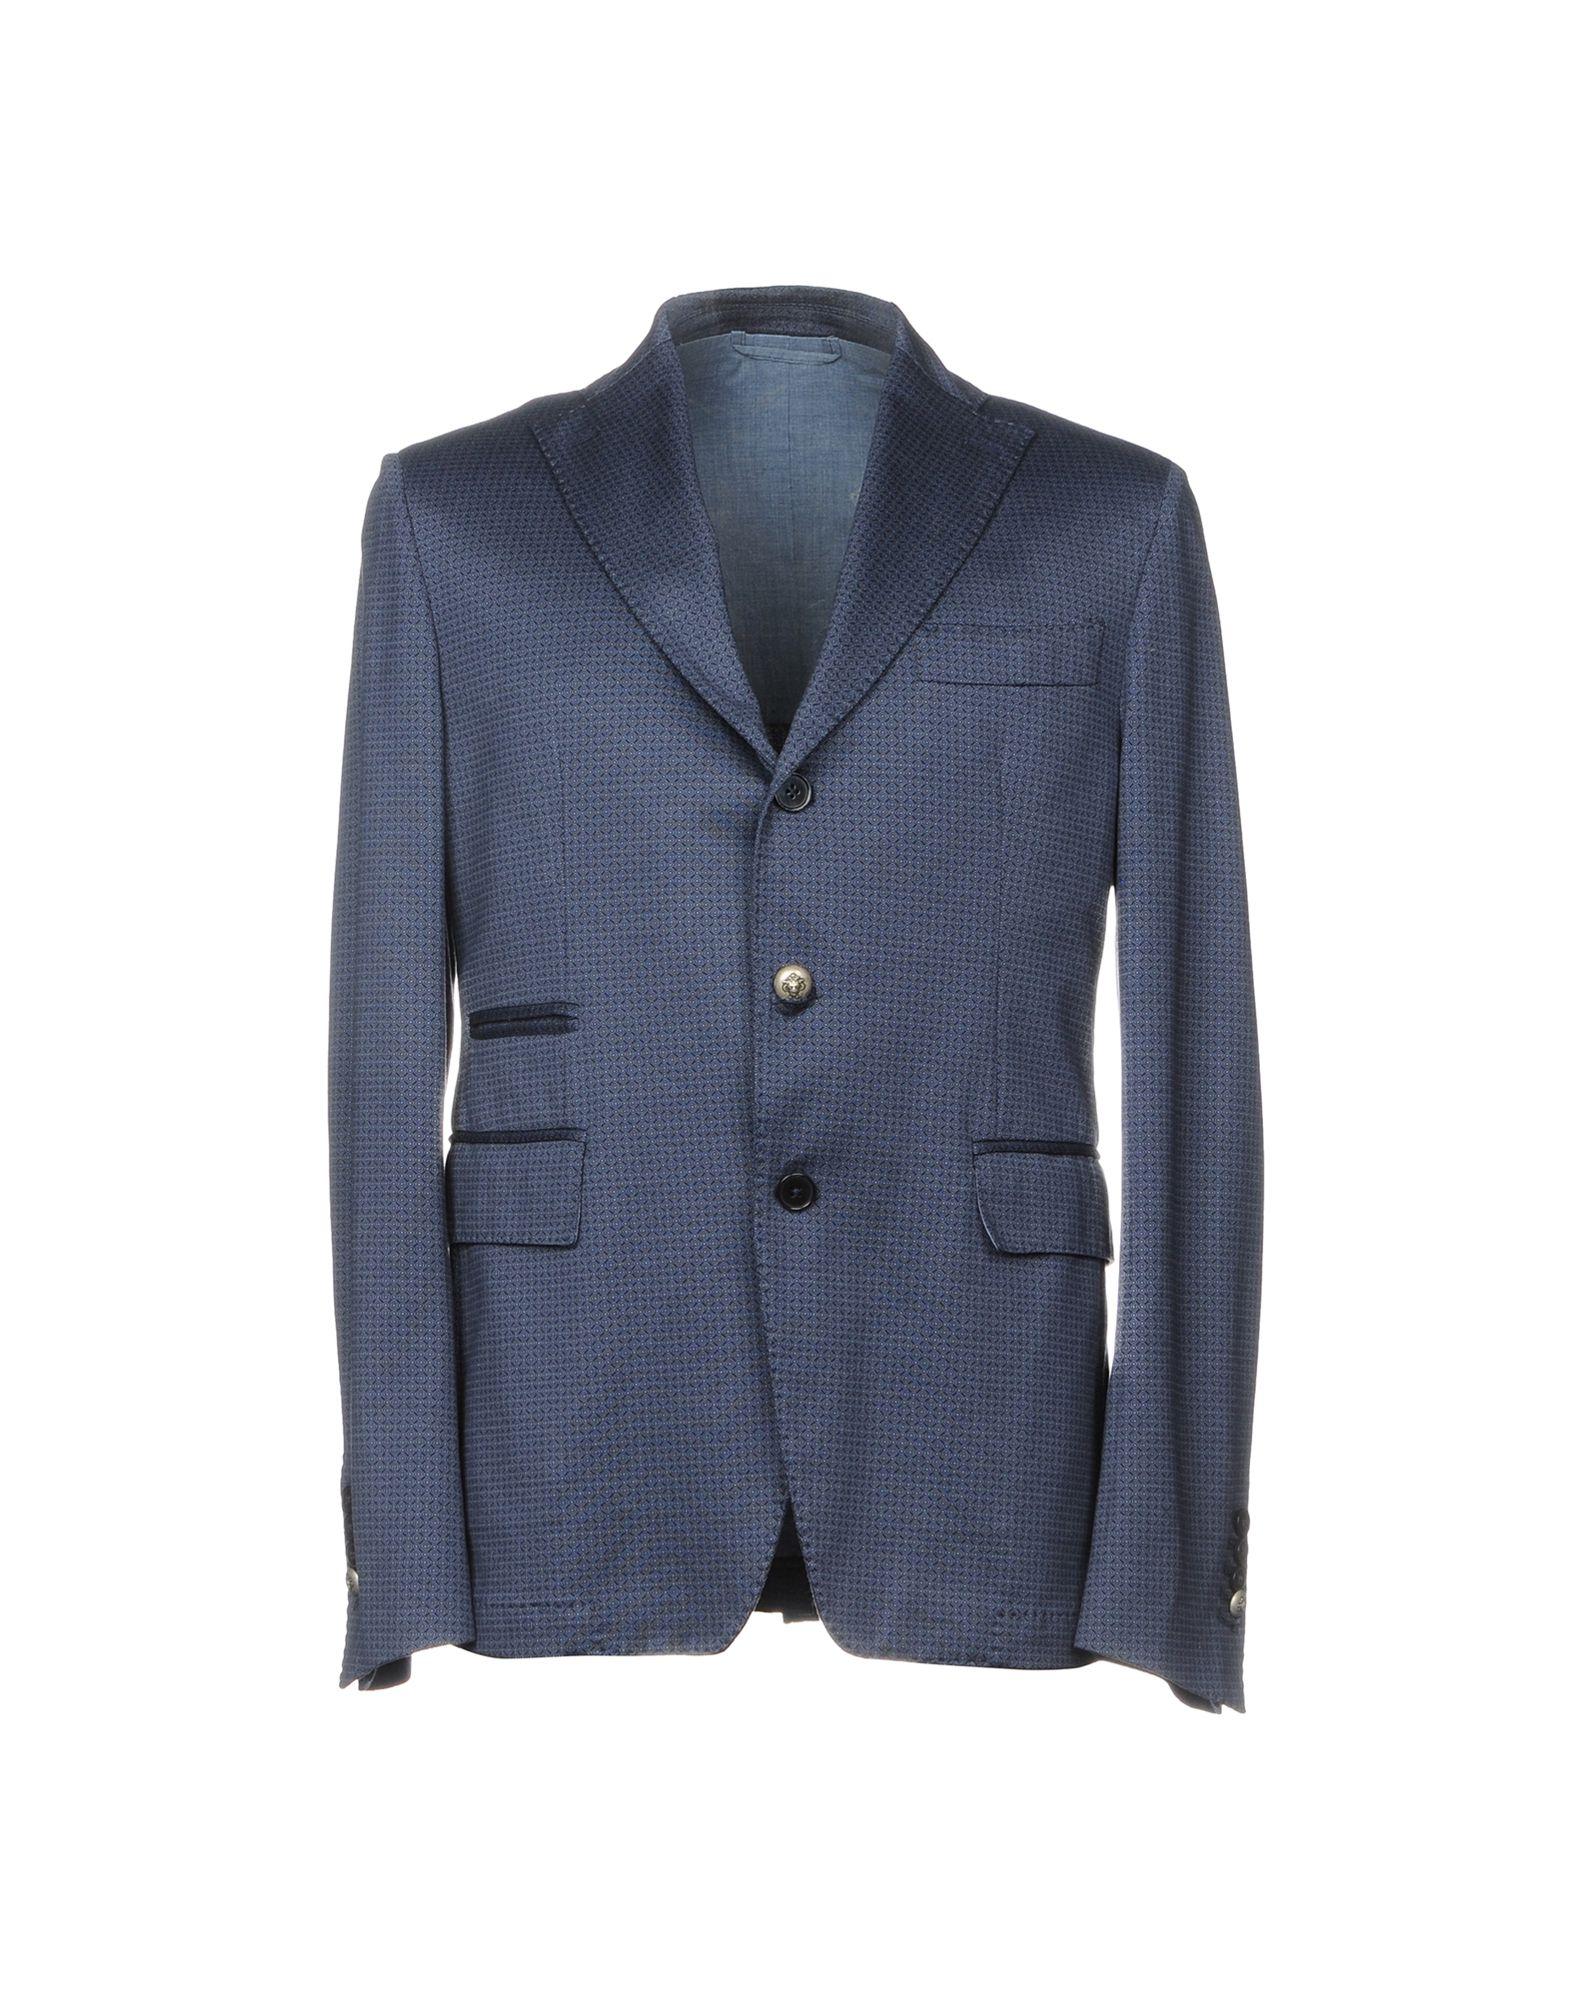 《期間限定セール開催中!》JOHN SHEEP メンズ テーラードジャケット ブルー 52 100% コットン